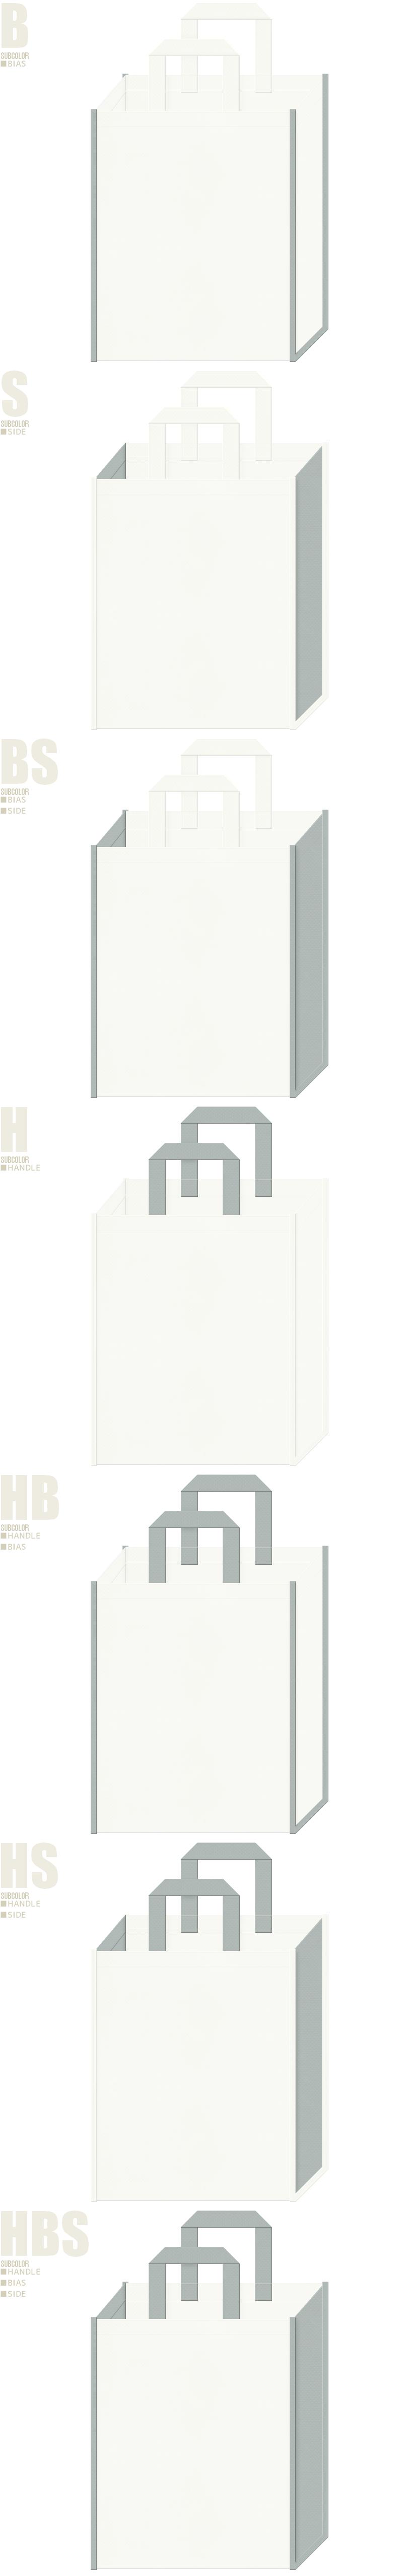 オフホワイト色とグレー色、7パターンの不織布トートバッグ配色デザイン例。都市計画・建築・設計・ビルメンテナンス・税務・行政セミナーの資料配布用バッグにお奨めです。